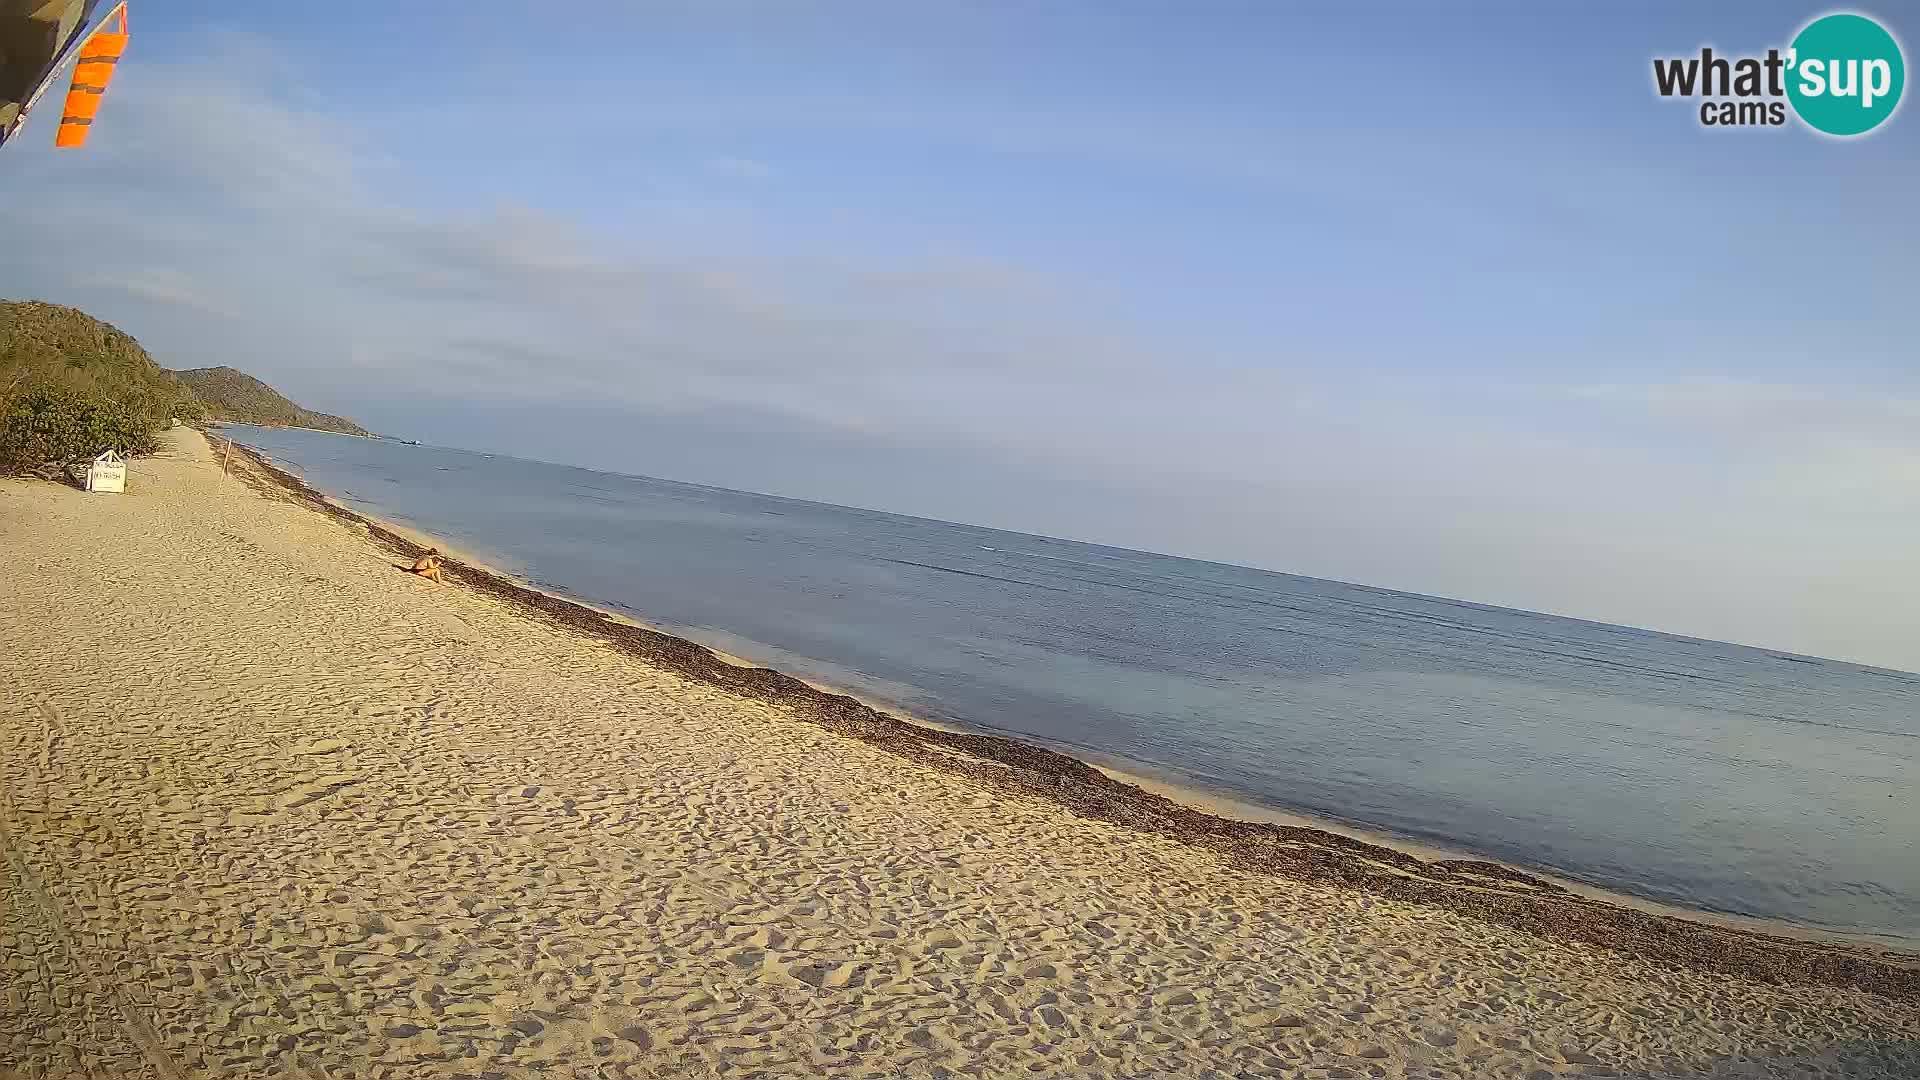 Webcam playa Buen Hombre – Kite School